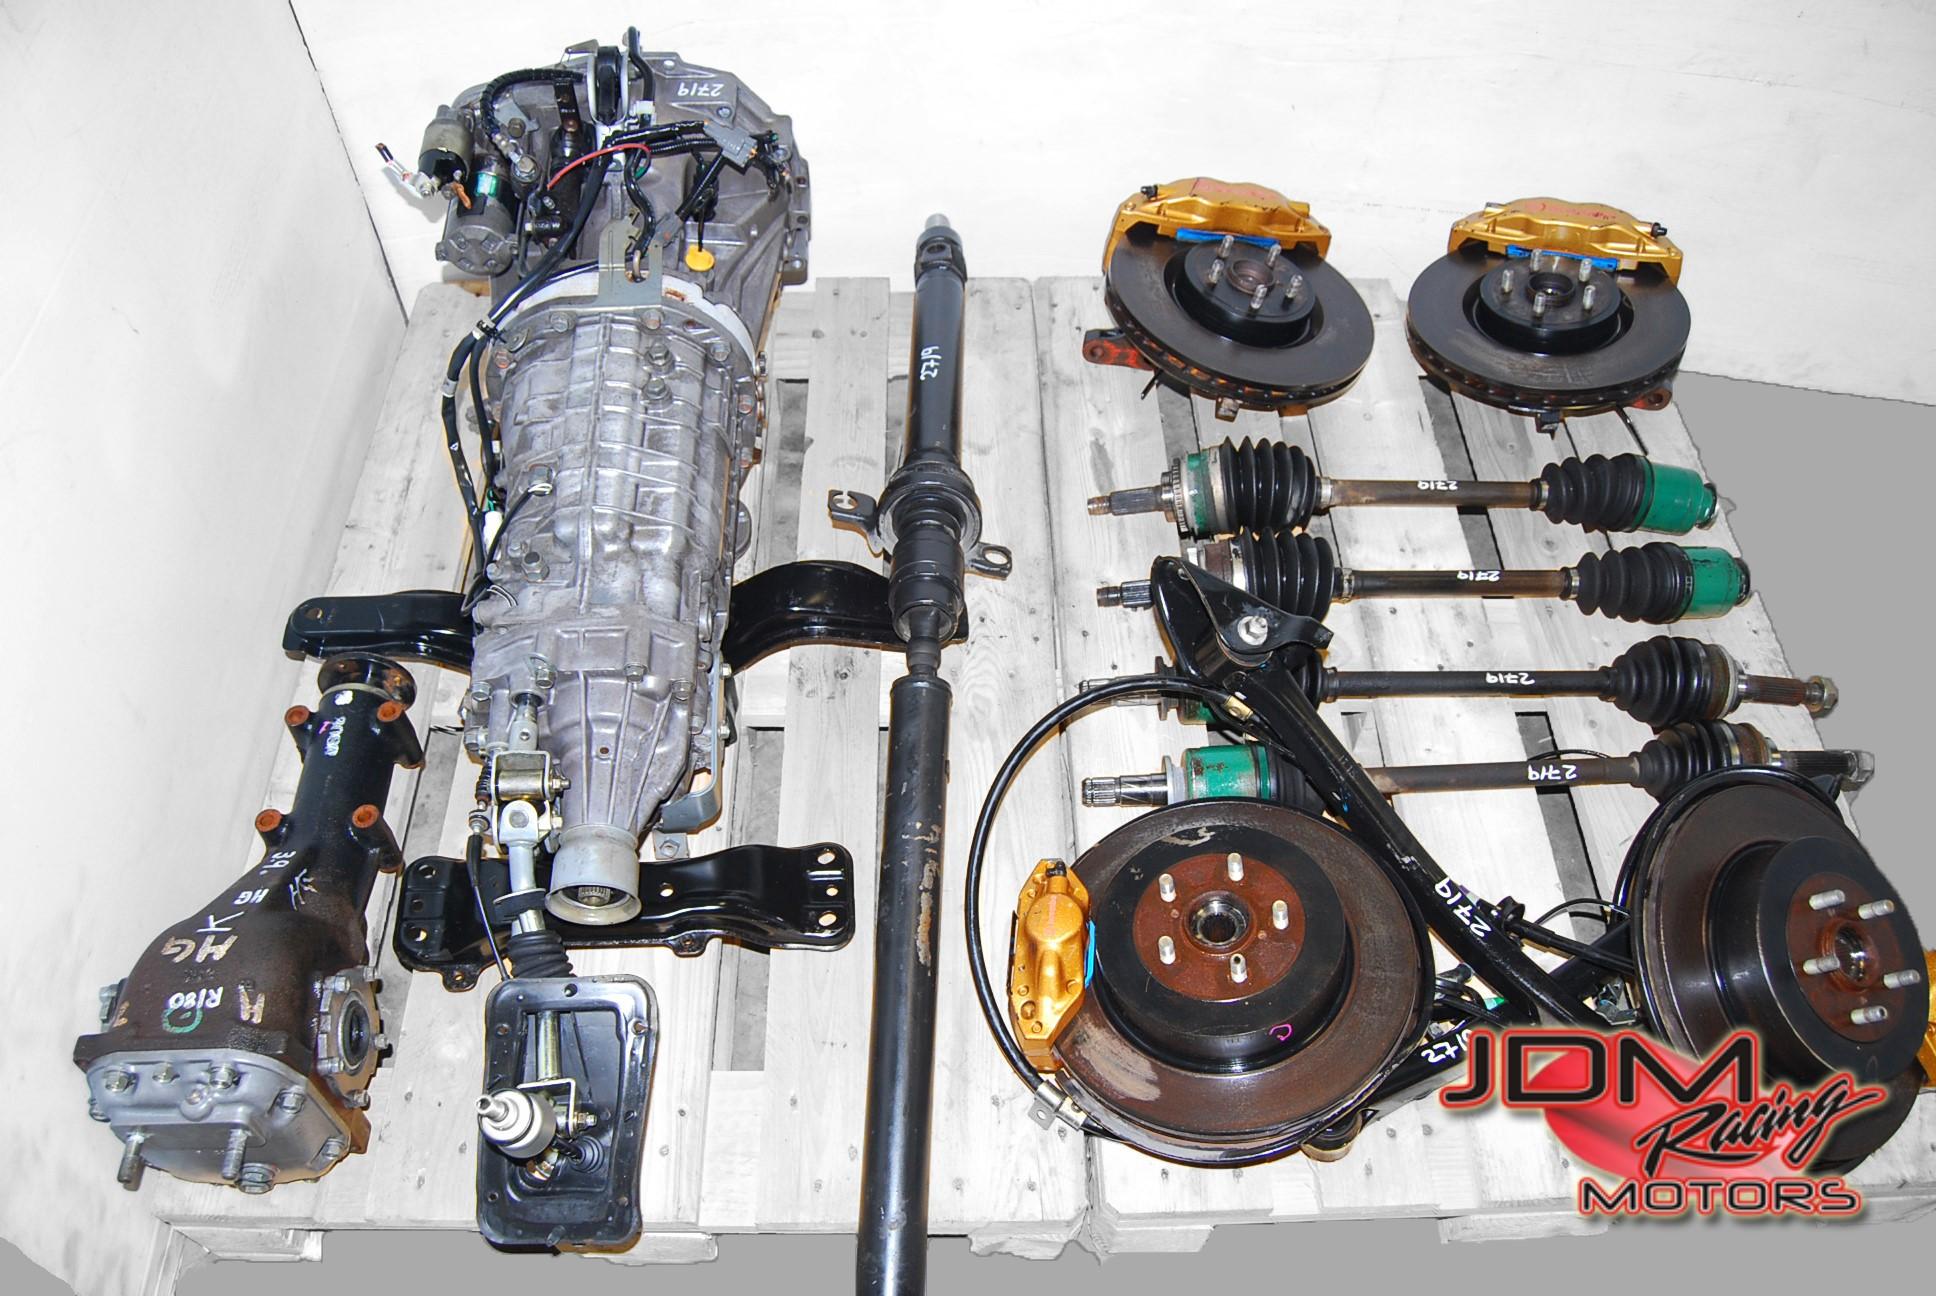 hight resolution of jdm 6 speed sti transmissions 43 item title impreza wrx 5mt manual transmissions